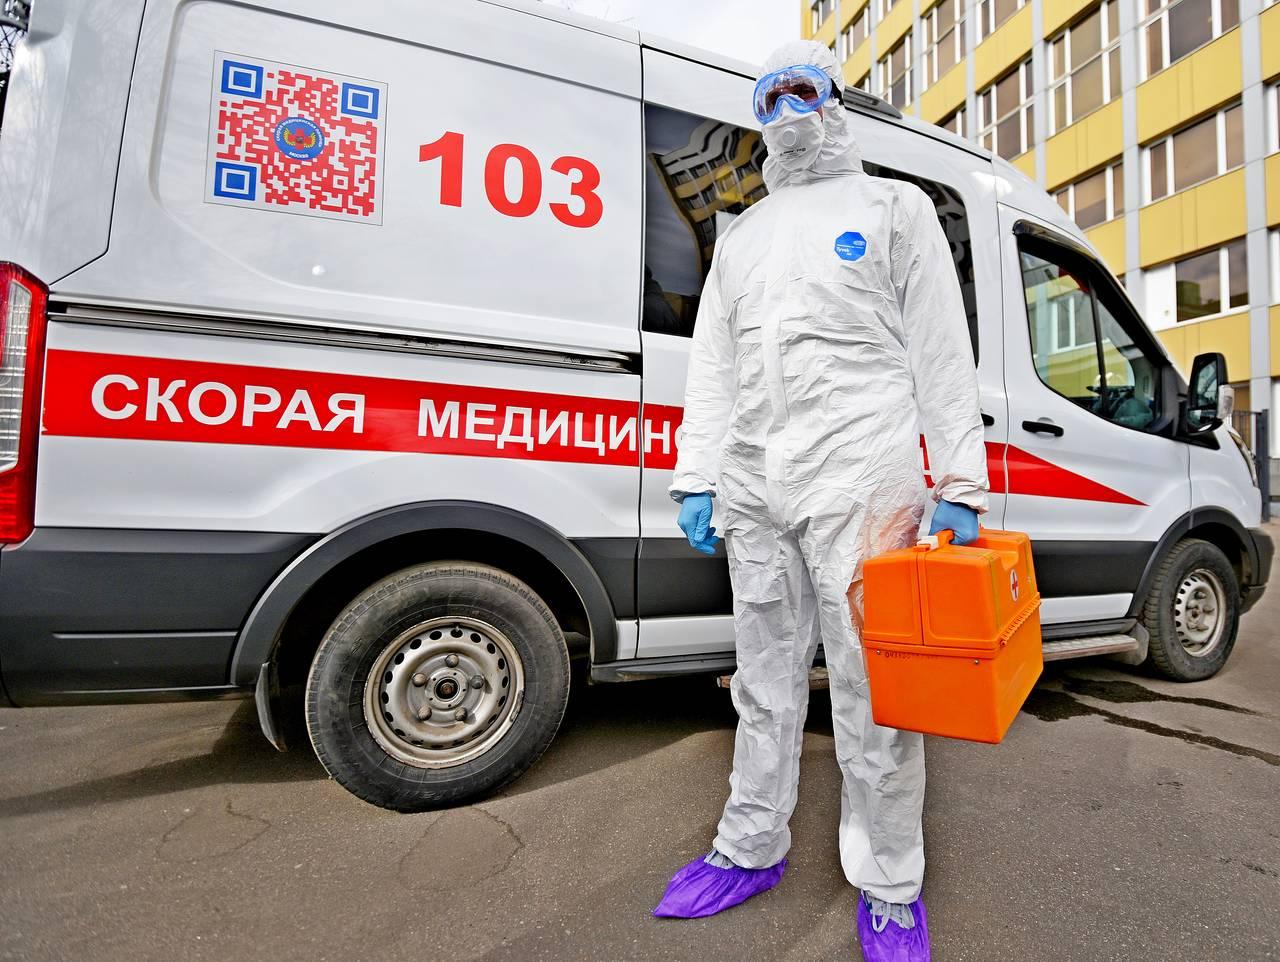 Еще 7,2 тысячи человек в Москве стали новыми носителями COVID-19